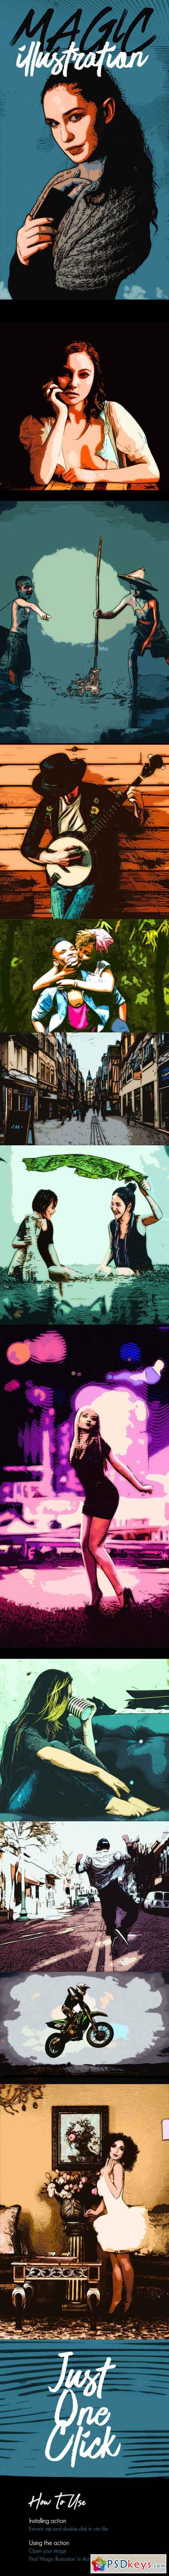 Magic Illustration Photoshop Action 21379489